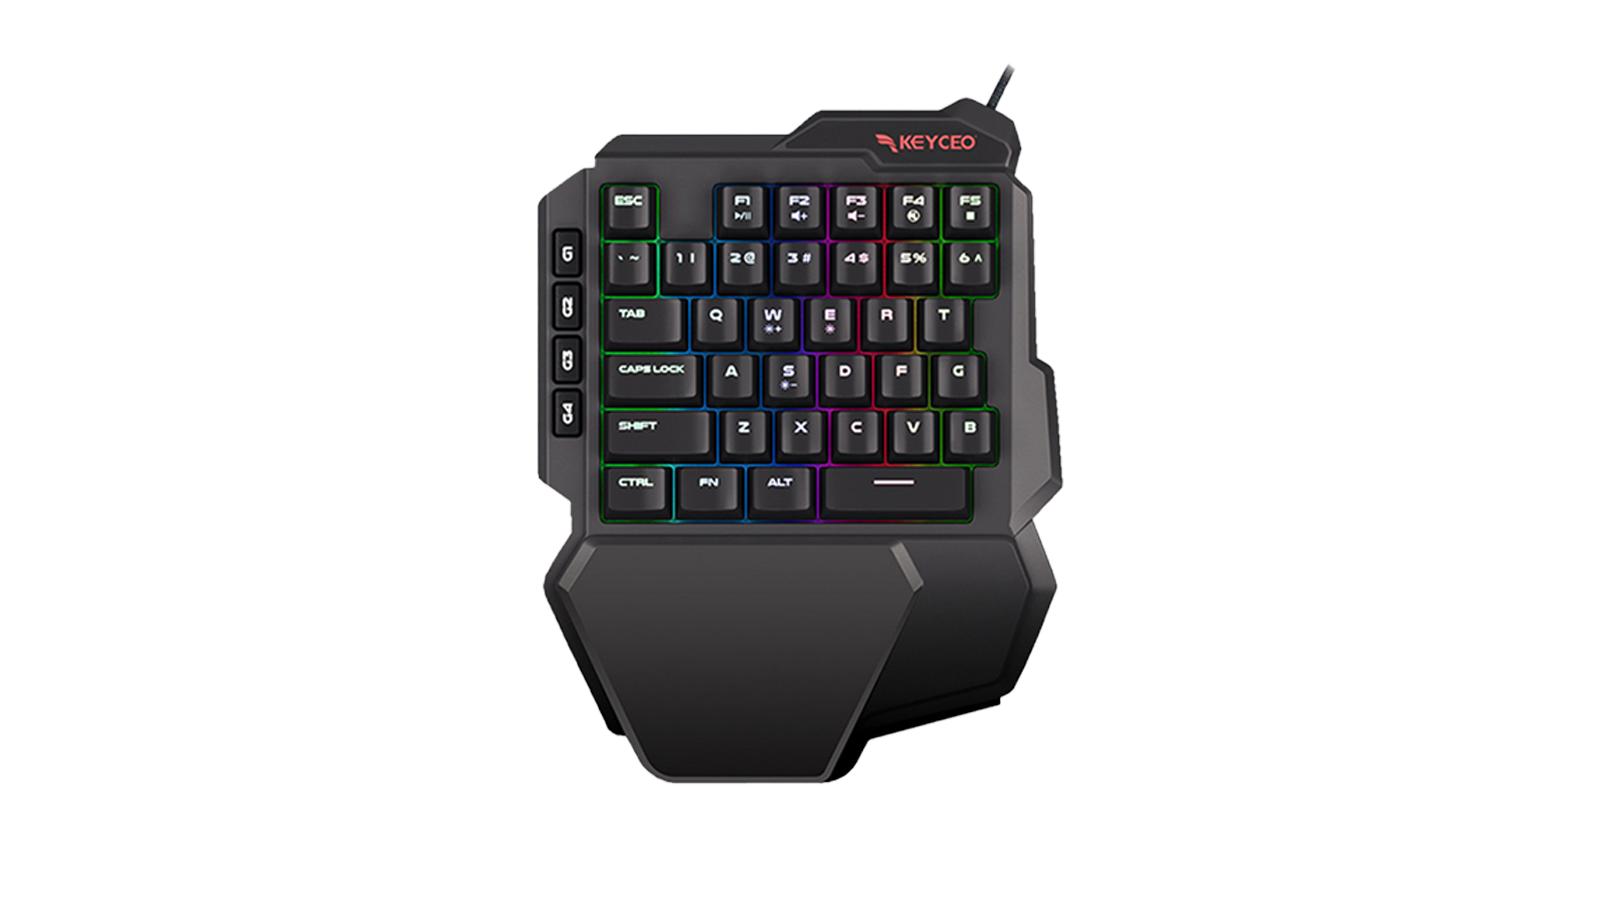 Labing maayo nga KY-MK35 Usa ka Kumpanya sa Keyboard sa Keyboard - Keyceo